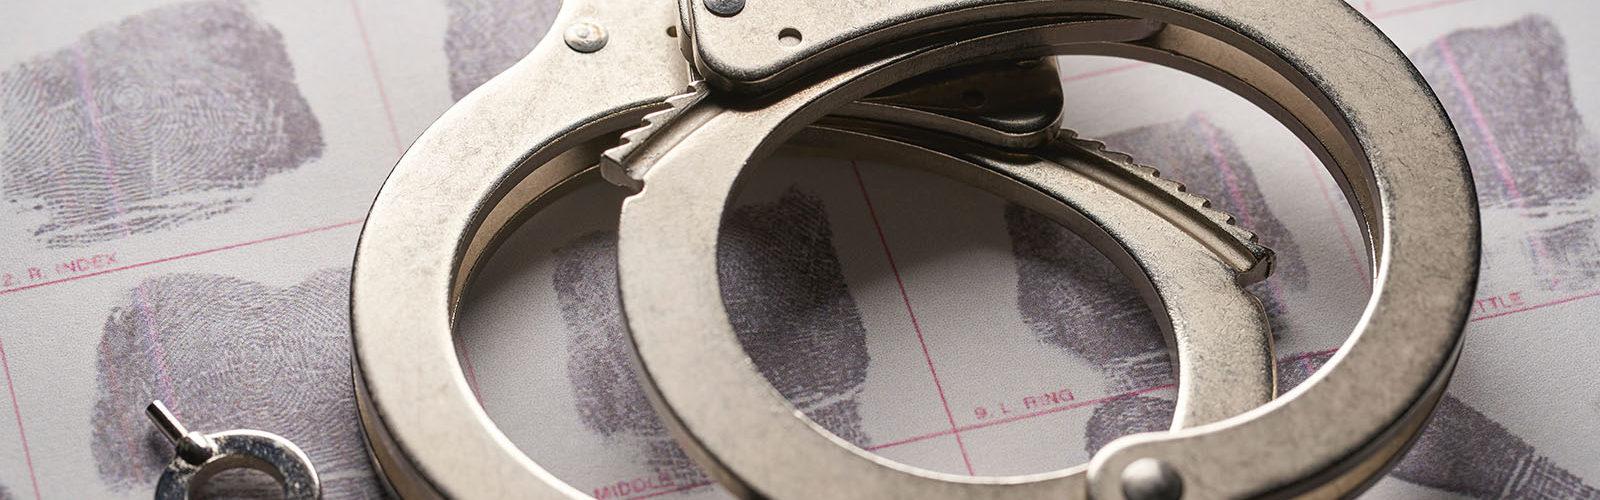 crime-mapping-carte-quartier-vols-agressions-etats-unis-une